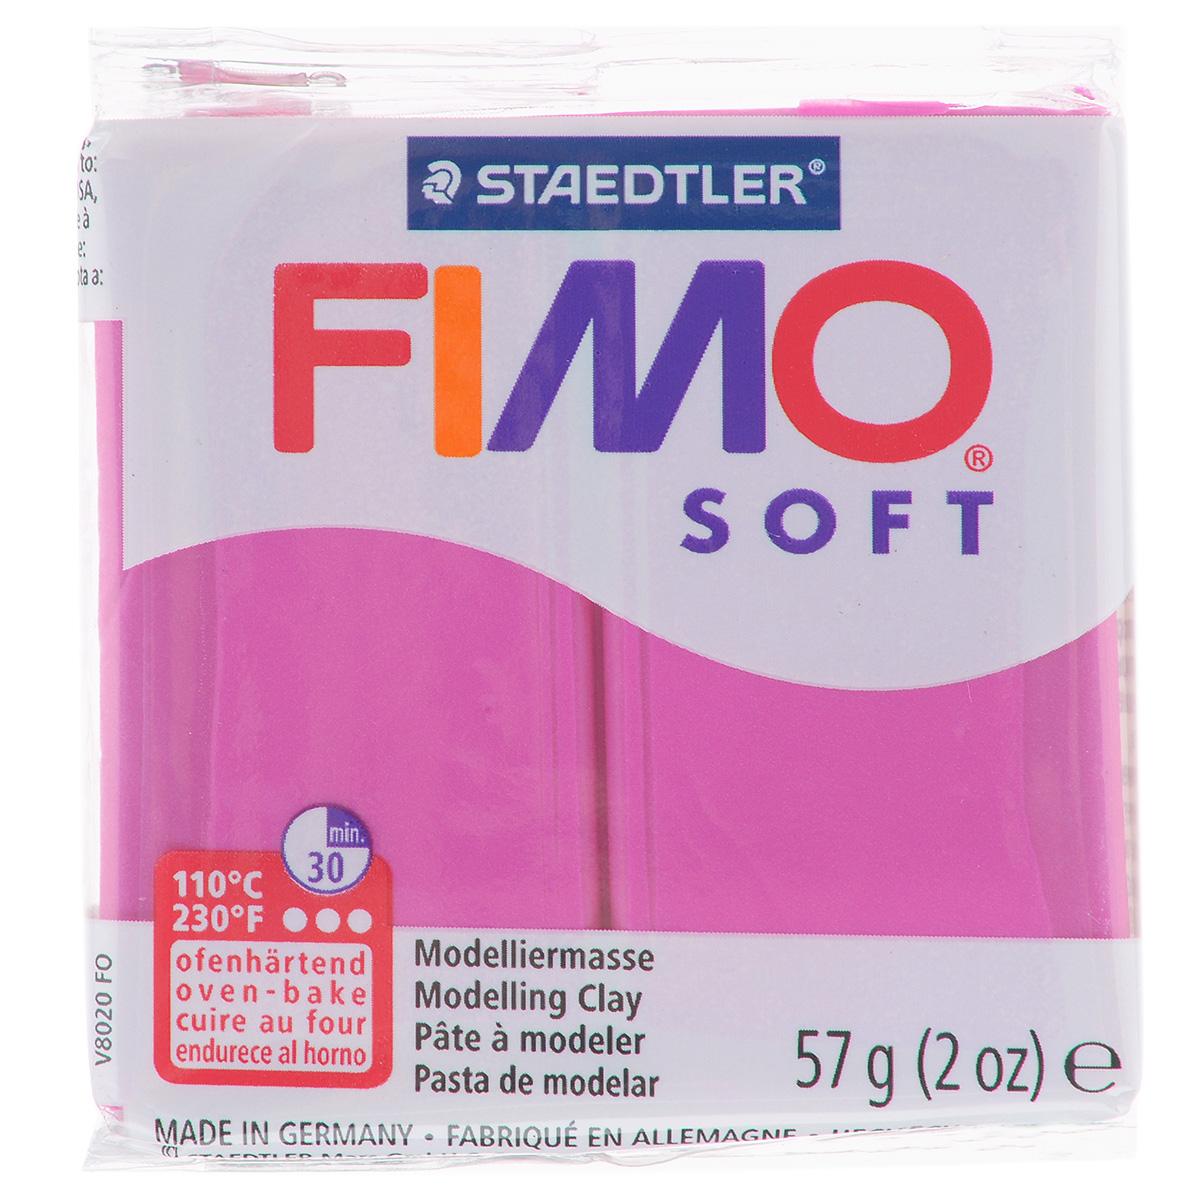 Полимерная глина Fimo Soft, цвет: малиновый (22), 56 г8020-22Мягкая глина на полимерной основе (пластика) Fimo Soft идеально подходит для лепки небольших изделий (украшений, скульптурок, кукол) и для моделирования. Глина обладает отличными пластичными свойствами, хорошо размягчается и лепится, легко смешивается между собой, благодаря чему можно создать огромное количество поделок любых цветов и оттенков. Блок поделен на восемь сегментов, что позволяет легче разделять глину на порции. В домашних условиях готовая поделка выпекается в духовом шкафу при температуре 110°С в течении 15-30 минут (в зависимости от величины изделия). Отвердевшие изделия могут быть раскрашены акриловыми красками, покрыты лаком, склеены друг с другом или с другими материалами. Состав: поливинилхлорид, пластификаторы, неорганические наполнители, цветные пигменты.